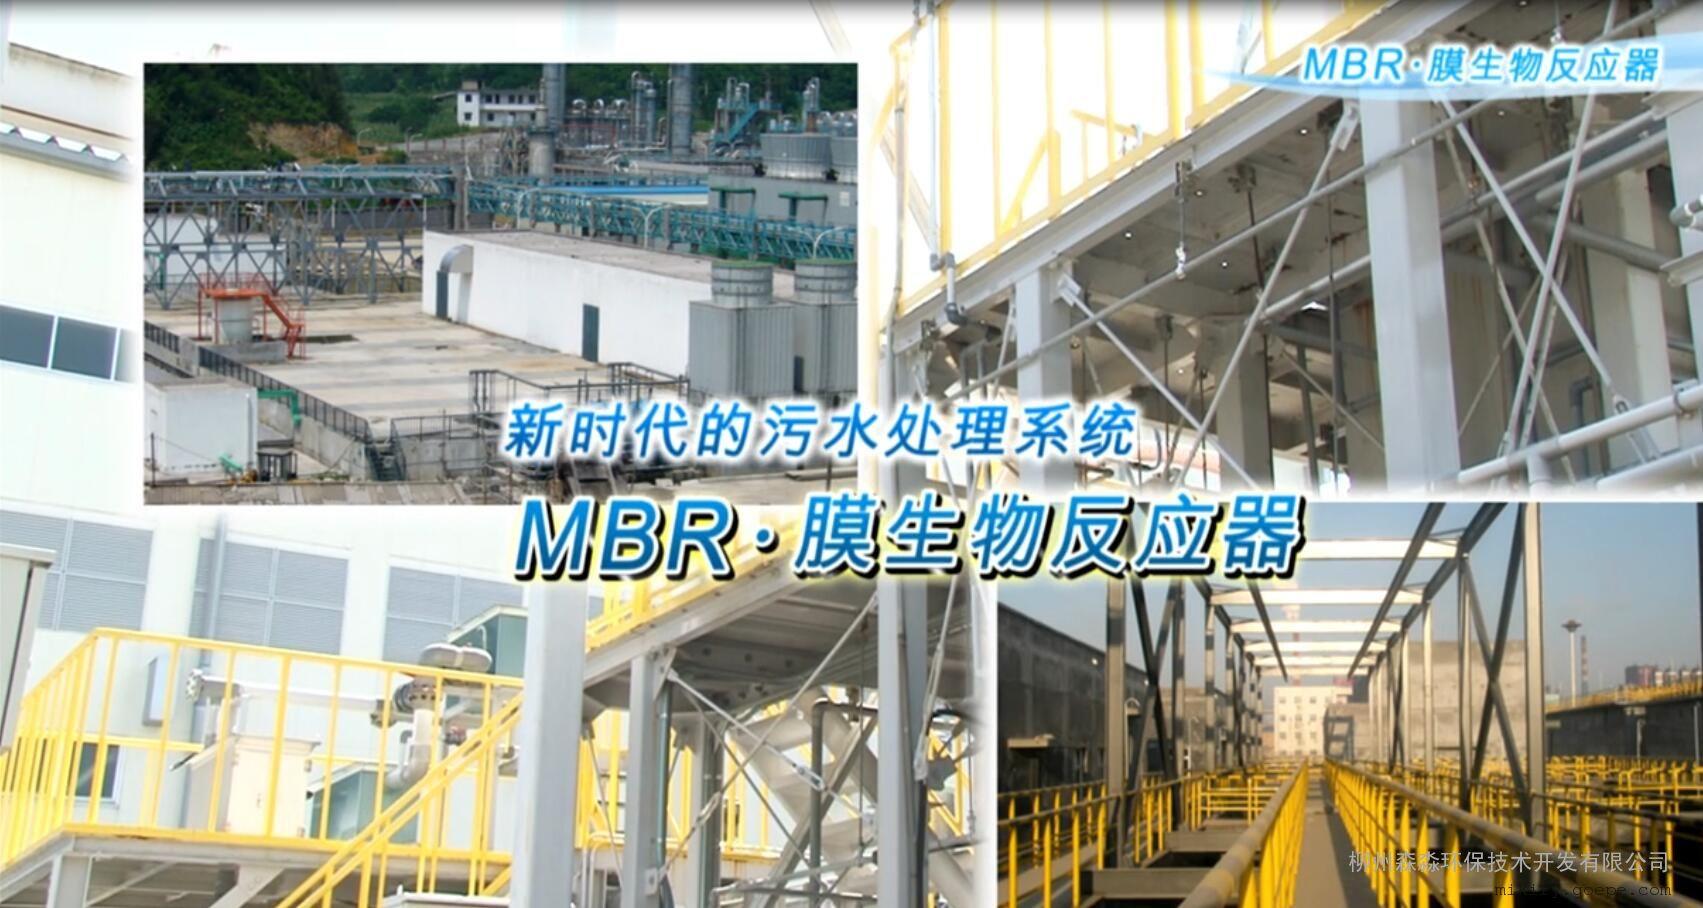 复合结构 增强型 进口mbr膜 处理生活污水不断丝 三菱化学mbr膜反应器|三菱化学中空纤维MBR膜-广西森淼环保科技有限公司